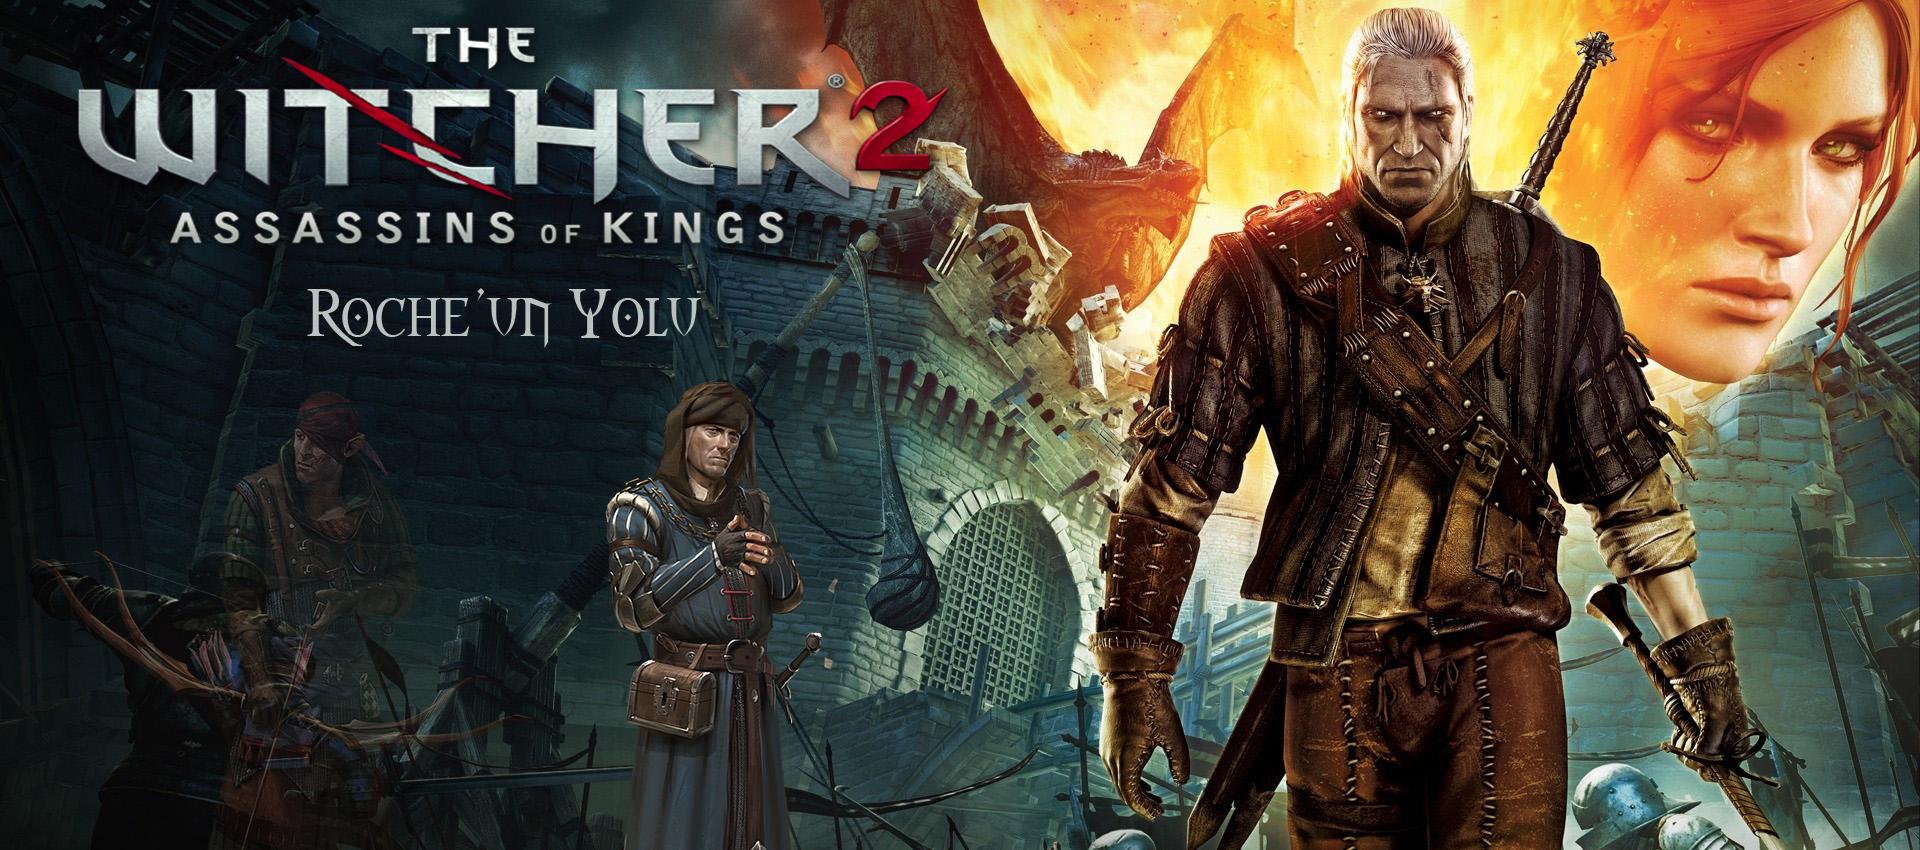 lorekeeper-thewitcher-thewitcher2-rocheun-yolu-alt